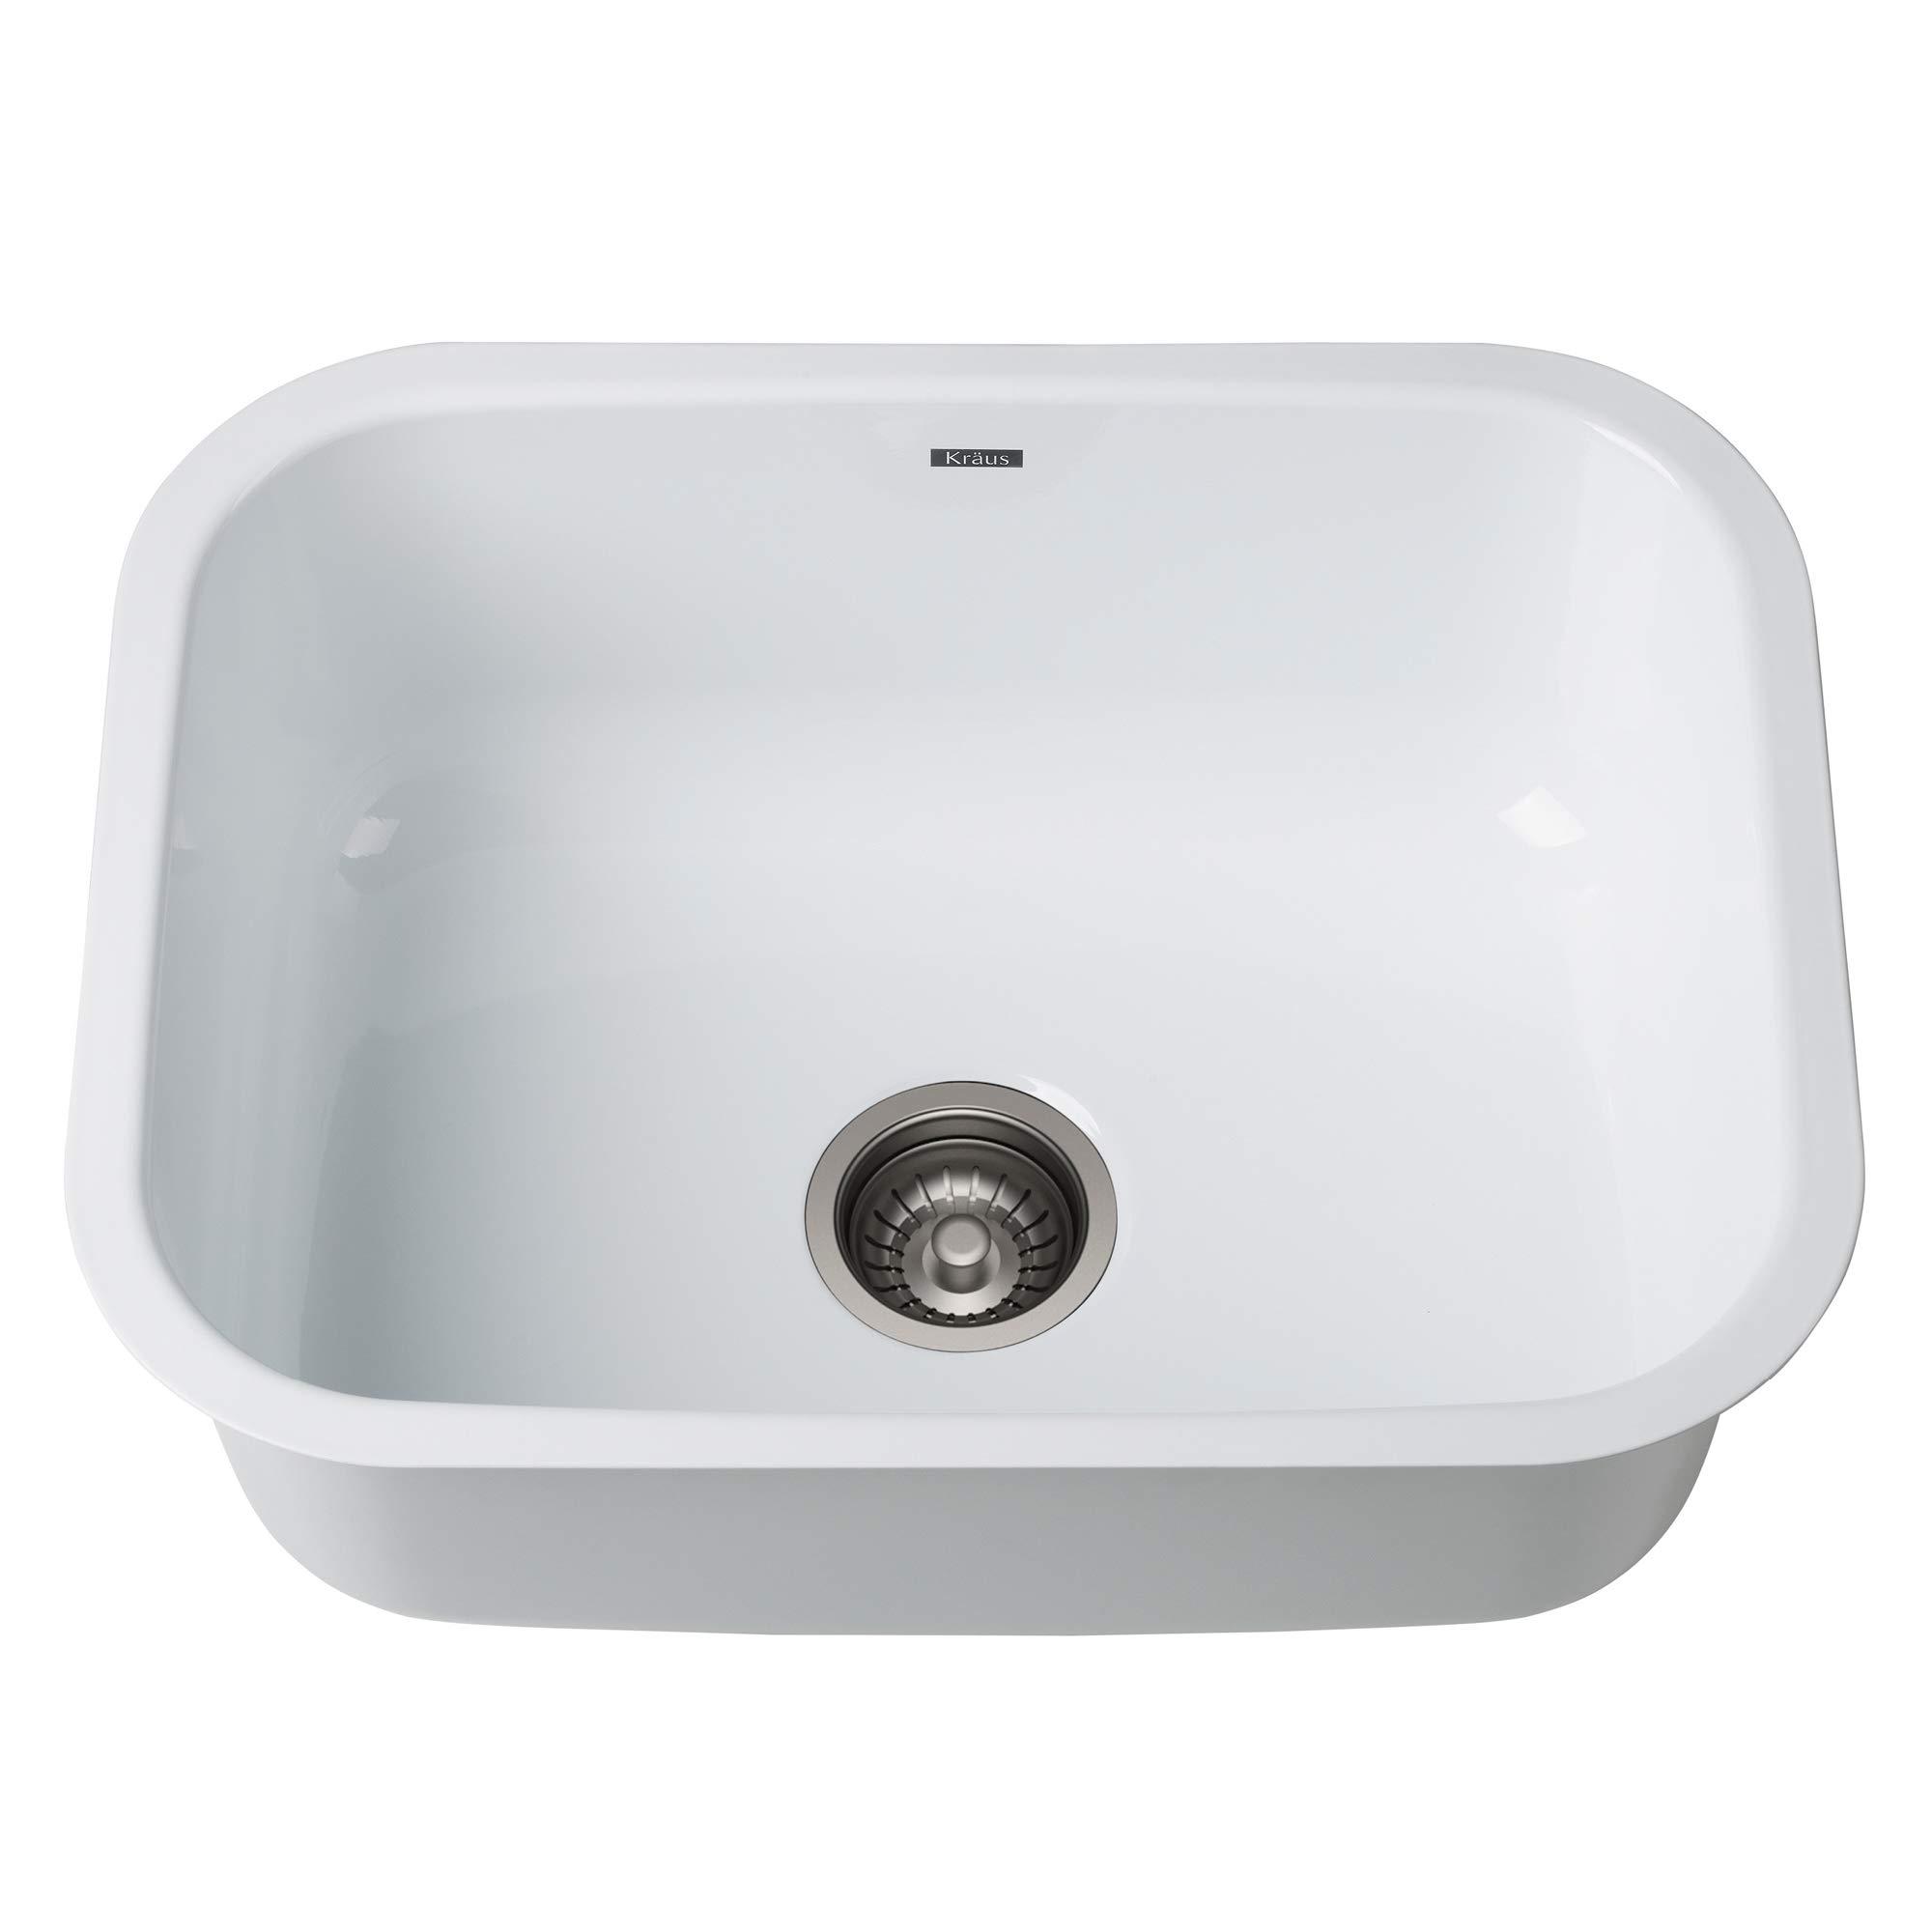 KRAUS KEU-12WHITE Pintura 16 Gauge Undermount Single Bowl Enameled Stainless Steel Kitchen Sink, 23-inch, White by Kraus